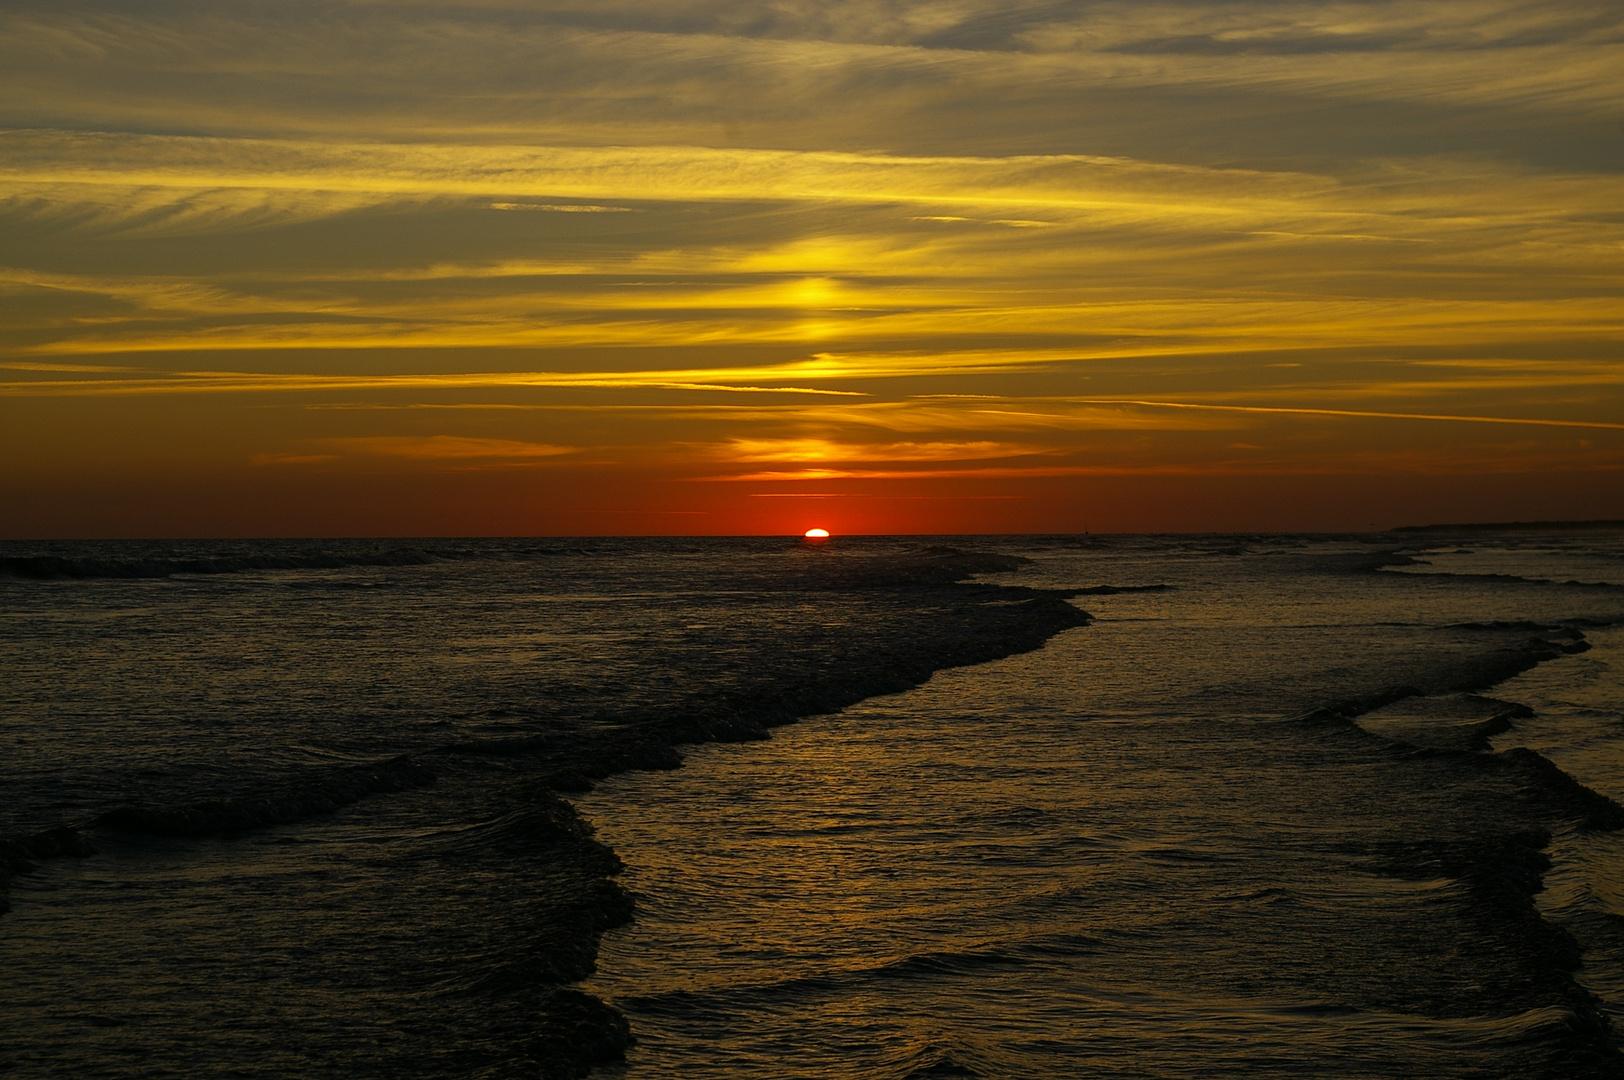 La mer le soir 2